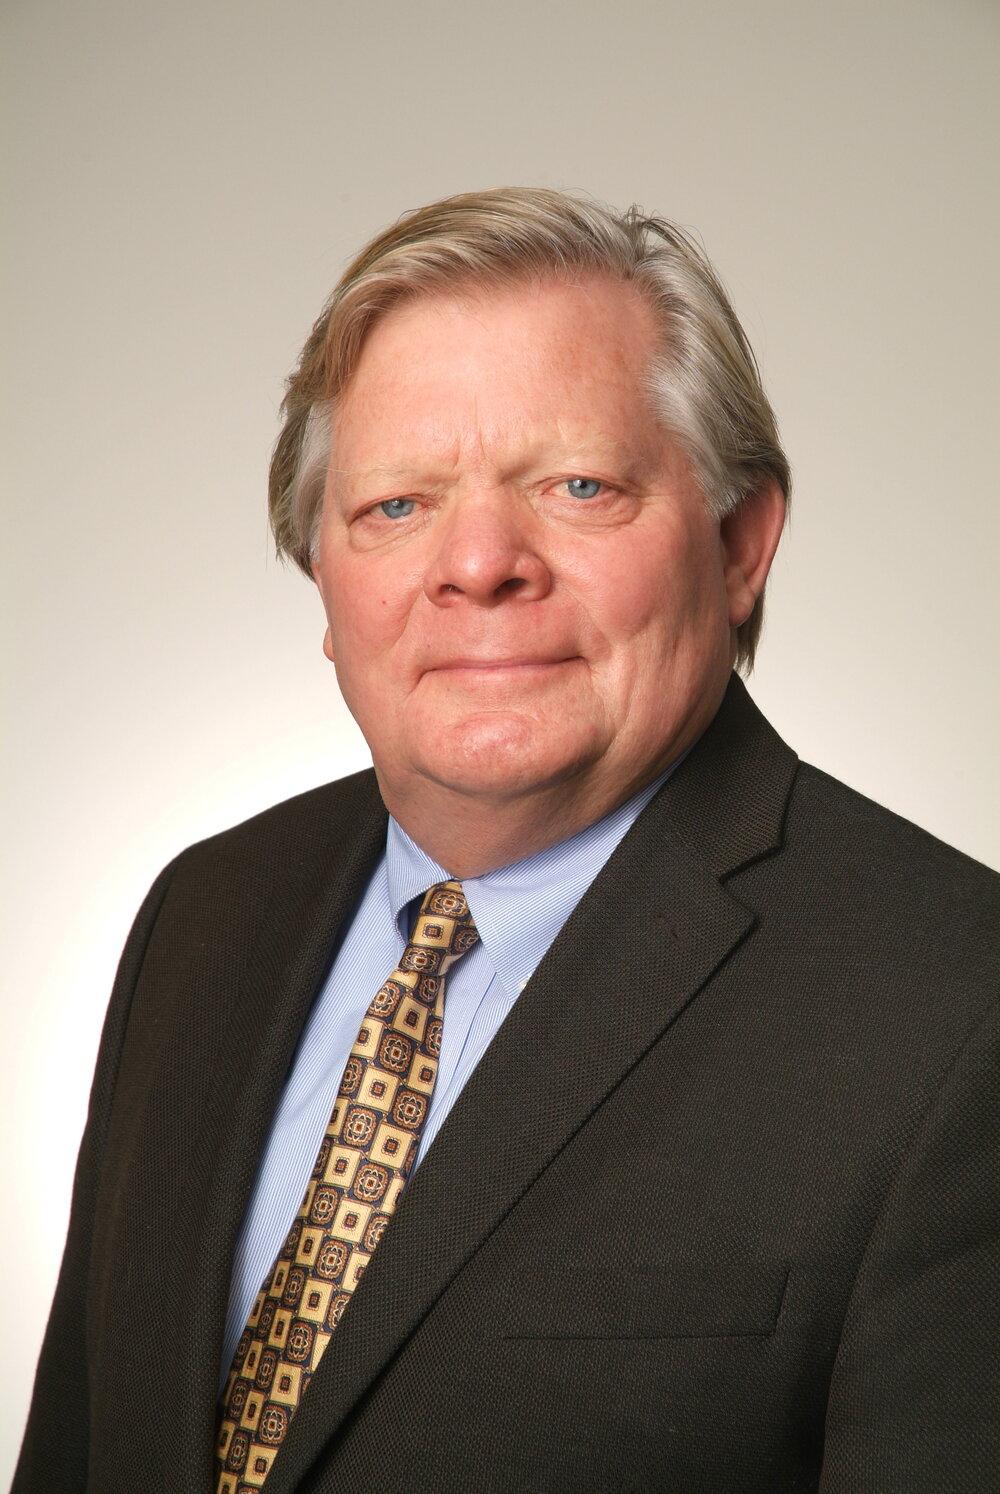 Steve Gissy